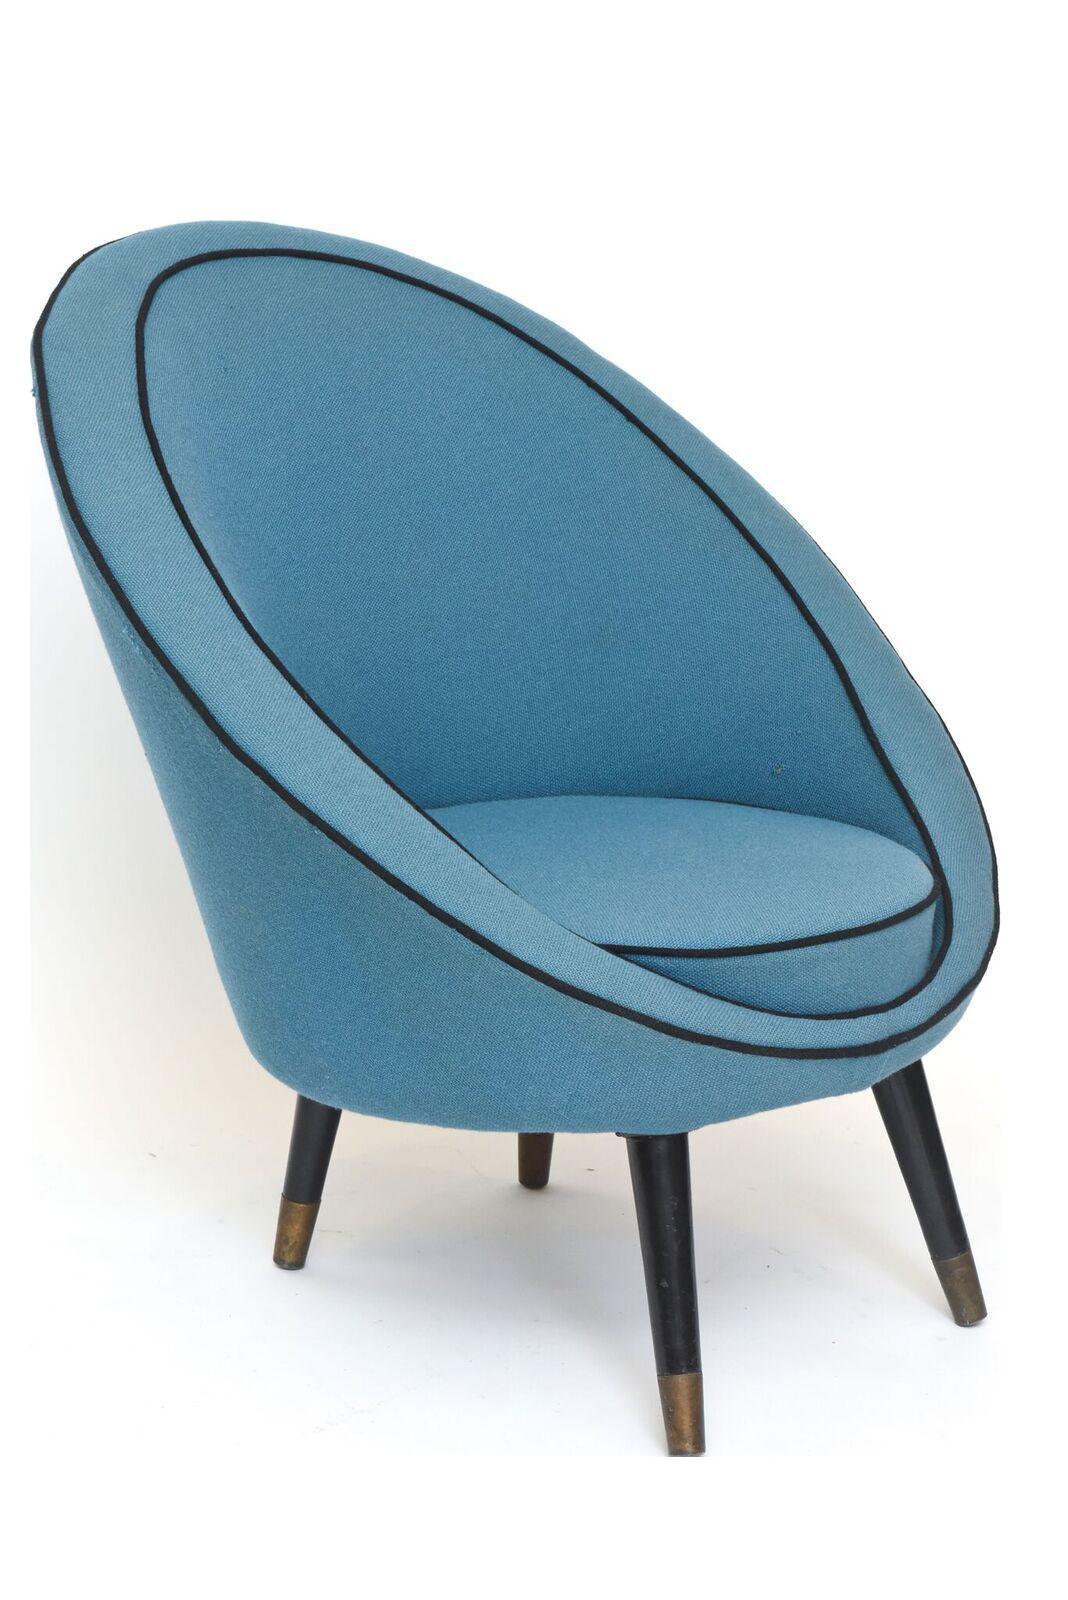 Italian Modern Chair By Ico Parisi